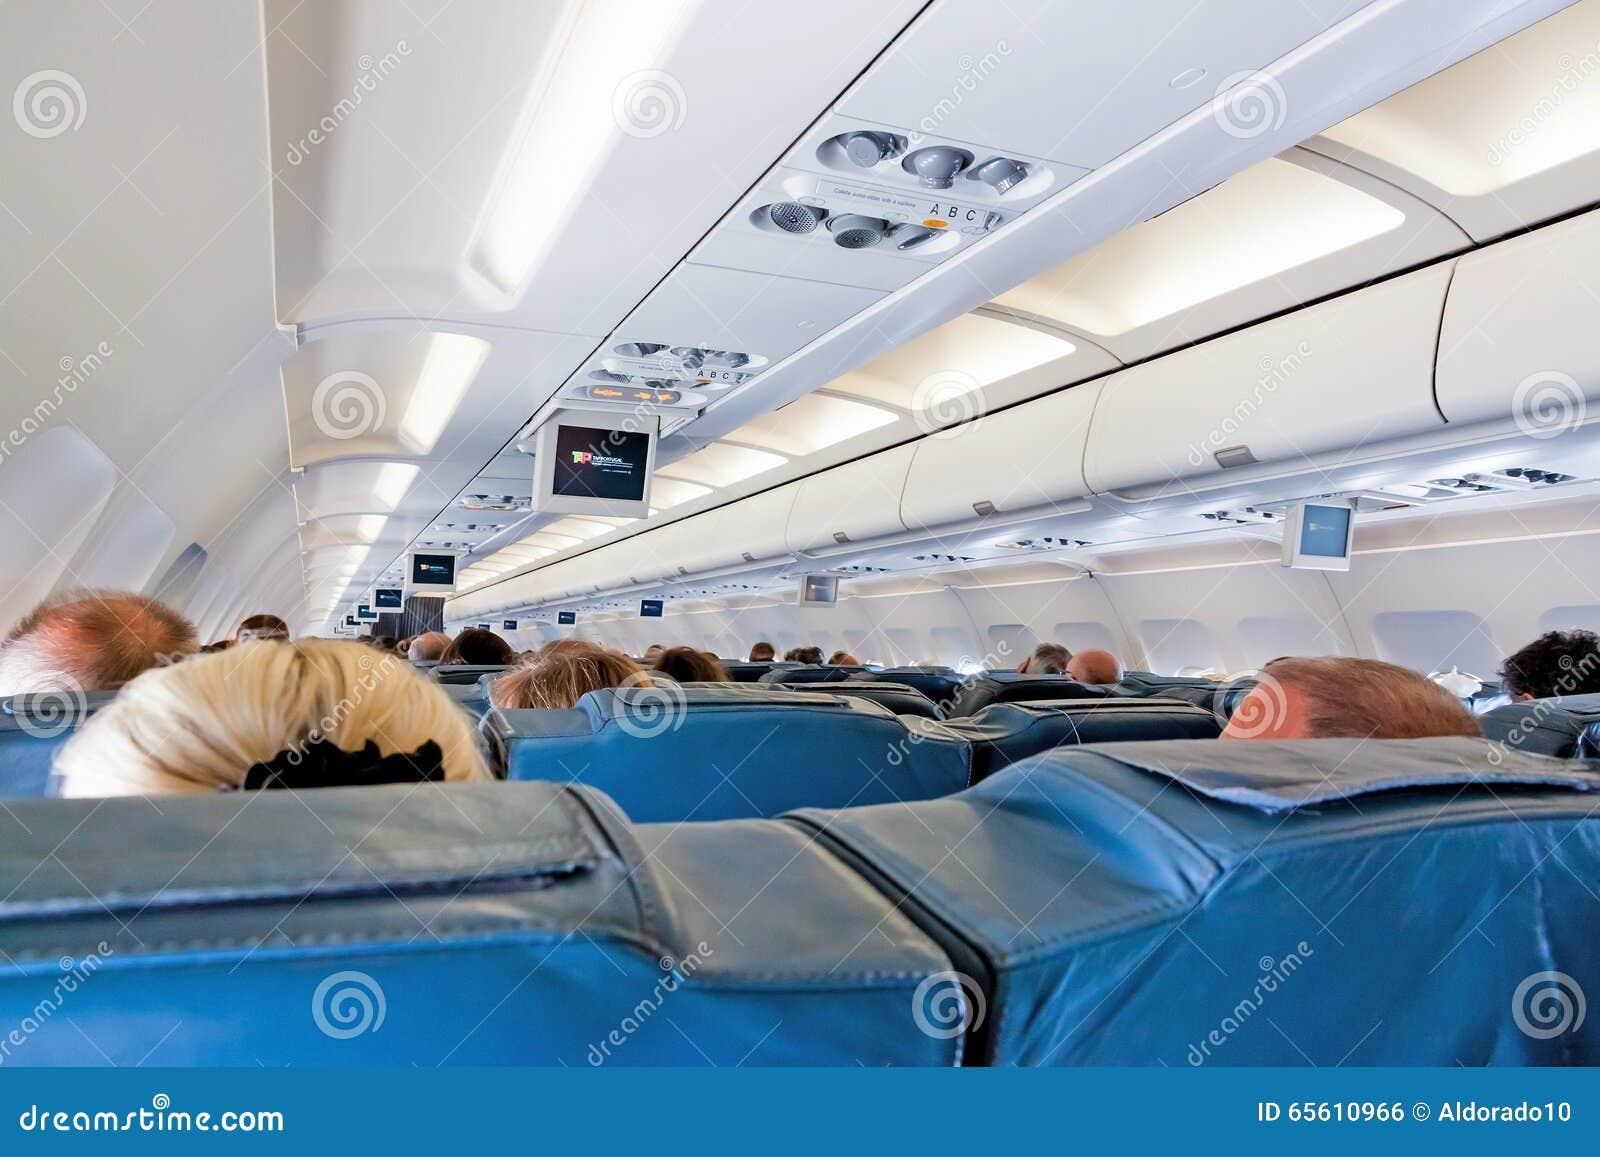 Int rieur d 39 avion avec des passagers sur des si ges for Interieur avion